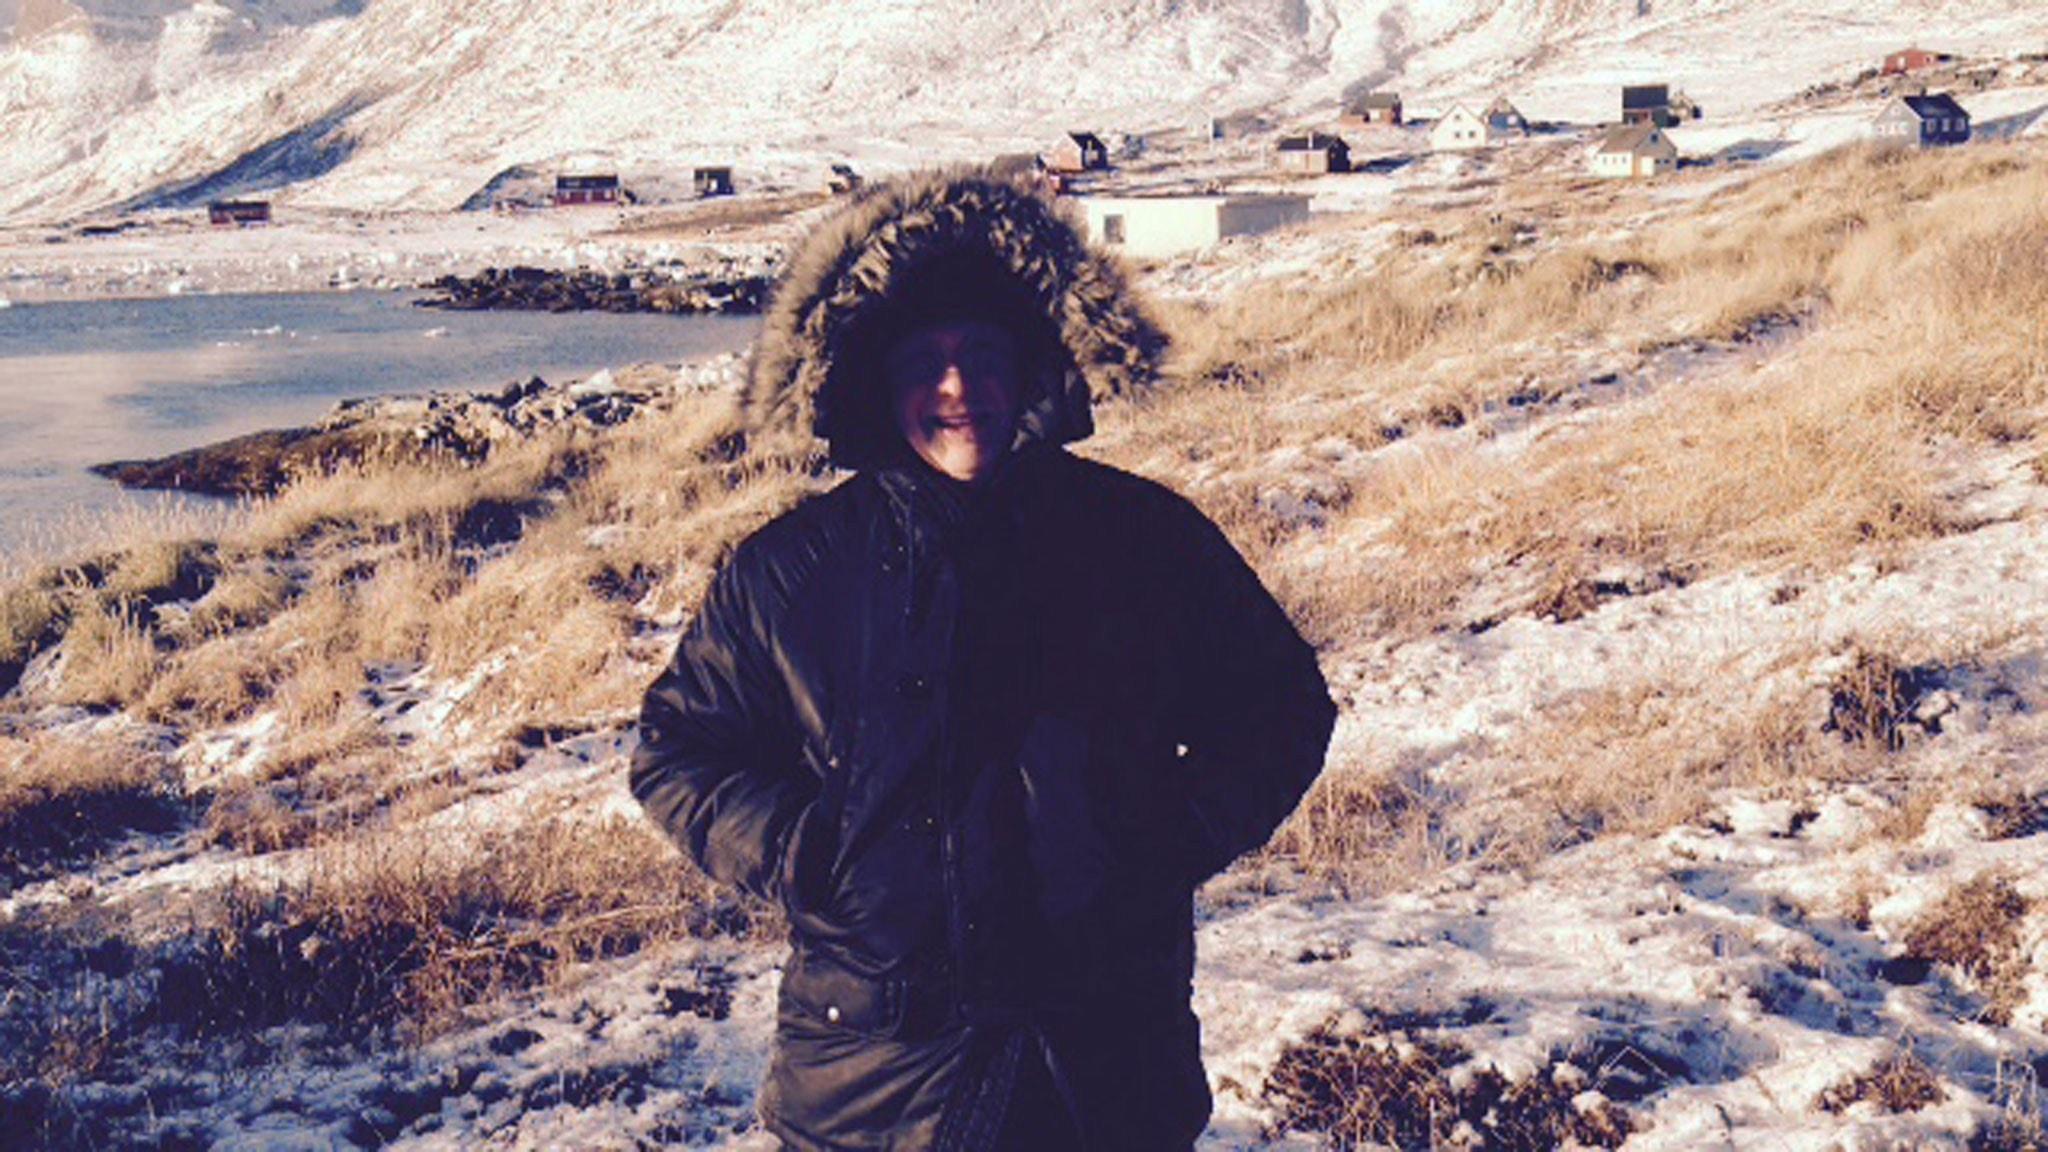 VÅR PLAYLIST: Goa grooves från Grönland